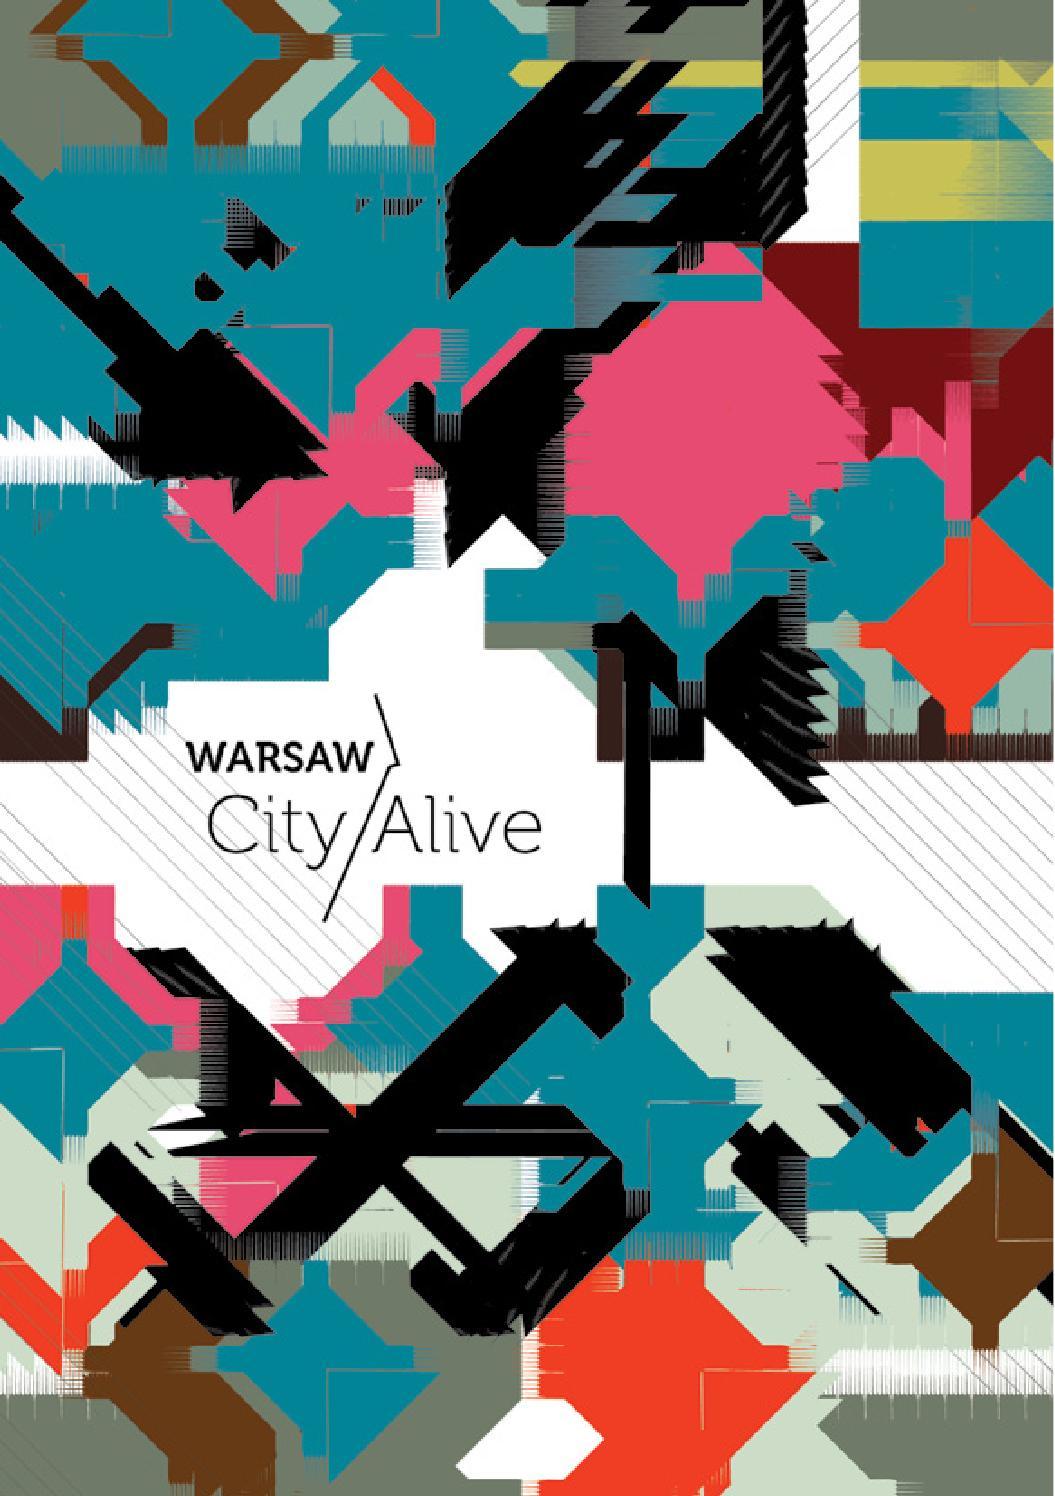 Warsaw City Alive By Fundacja Puszka Issuu